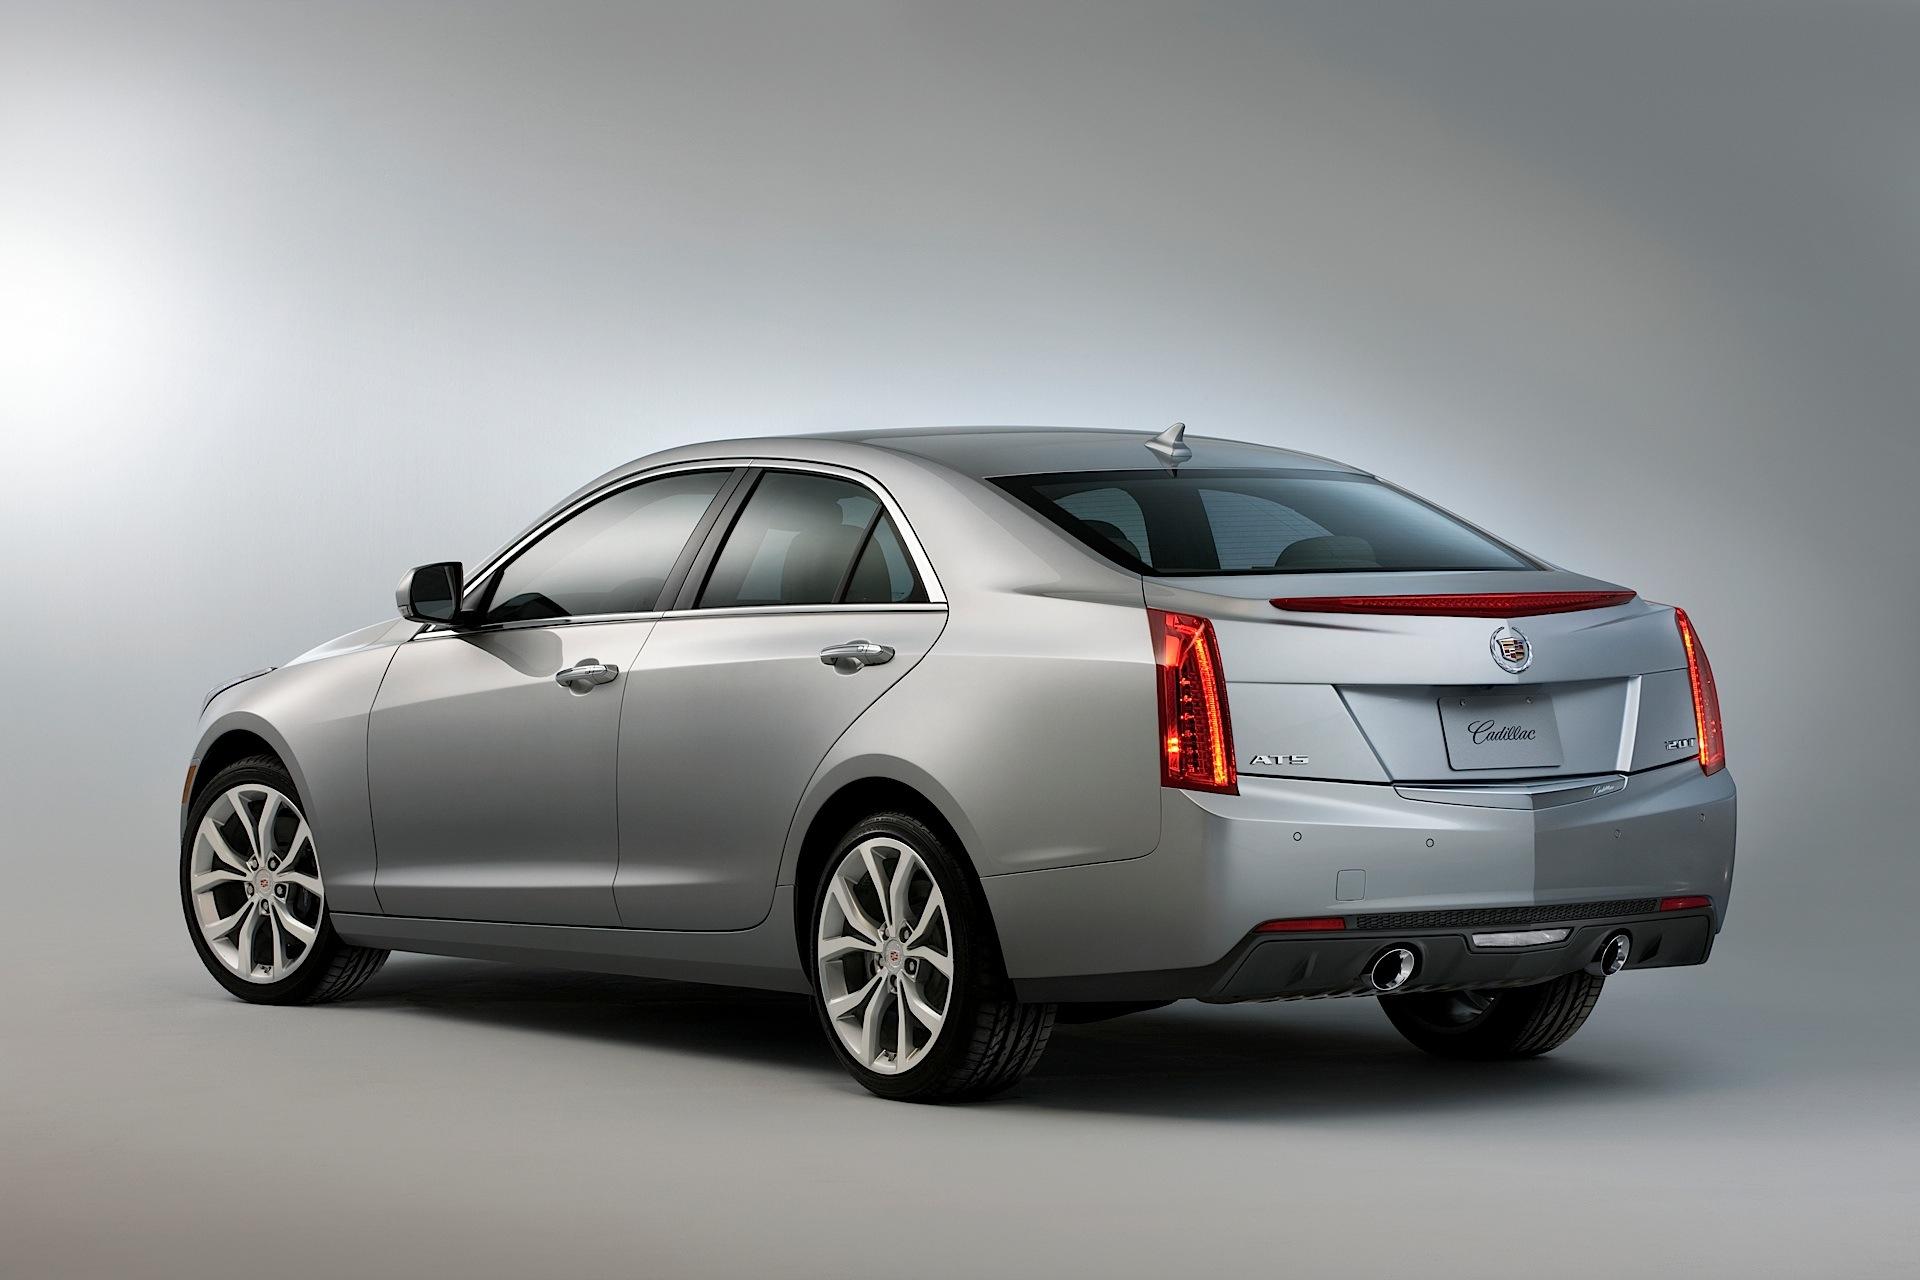 Cadillac Ats Specs Amp Photos 2012 2013 2014 2015 2016